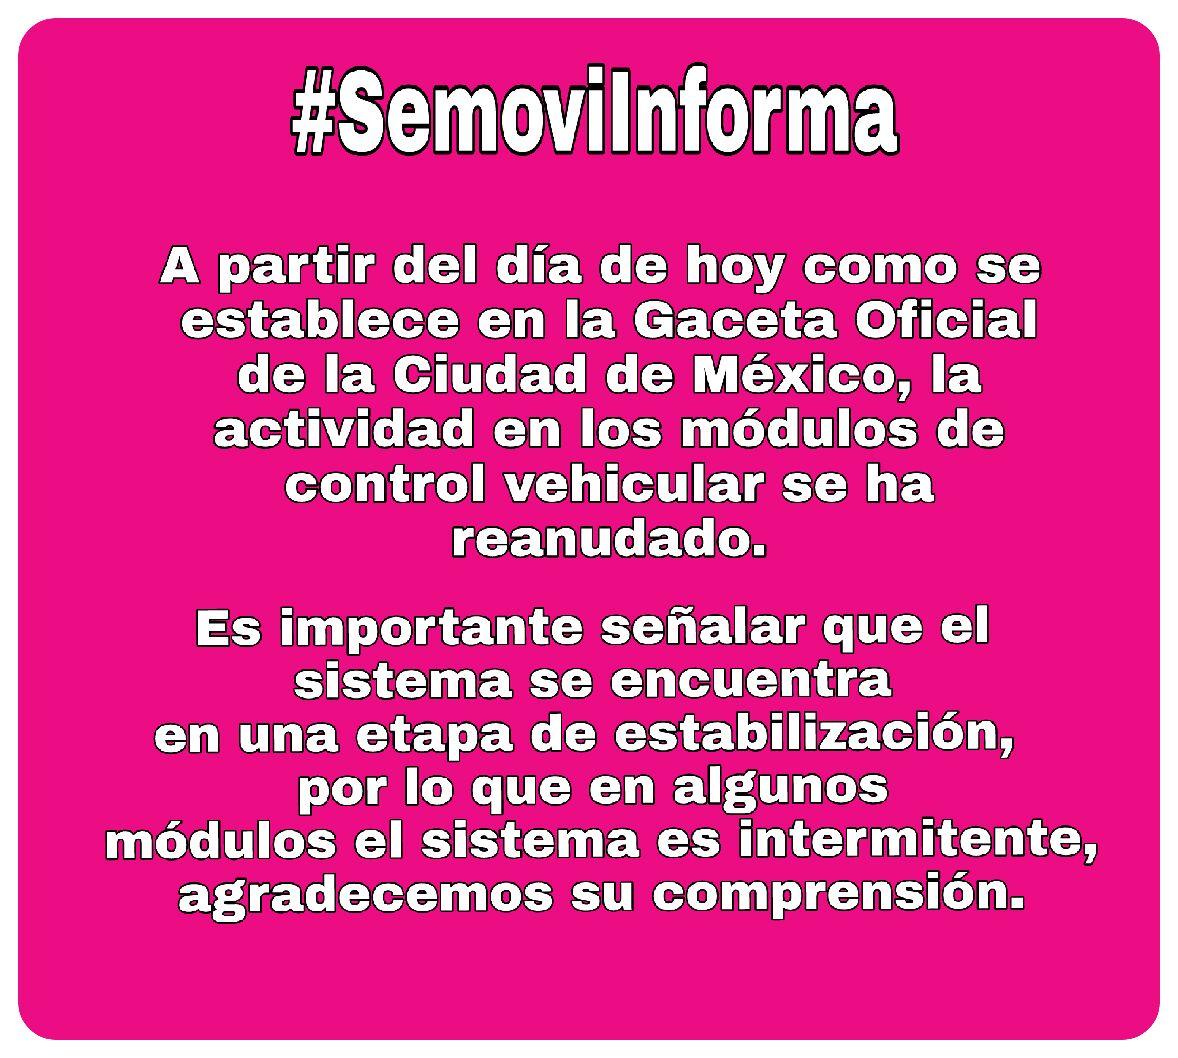 Secretaría De Movilidad Cdmx A Twitter Semoviinforma